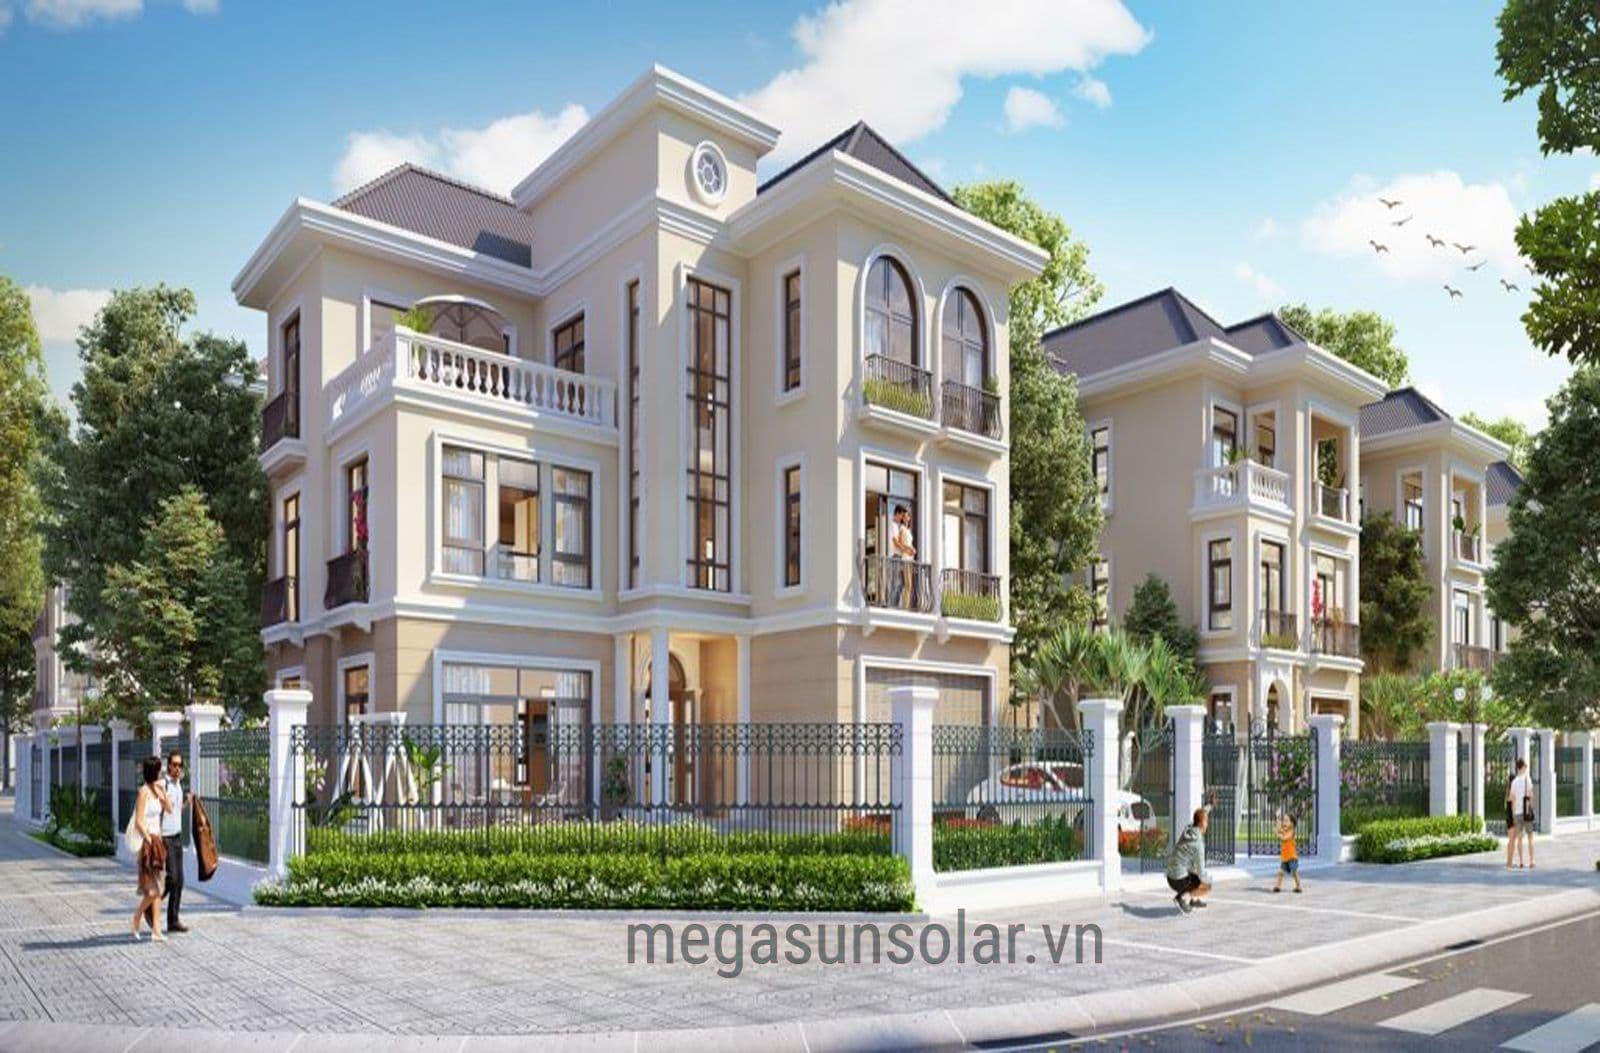 dự án Megasun tại biệt thự căn mộc lan ML5 09 vinhomes greenbay